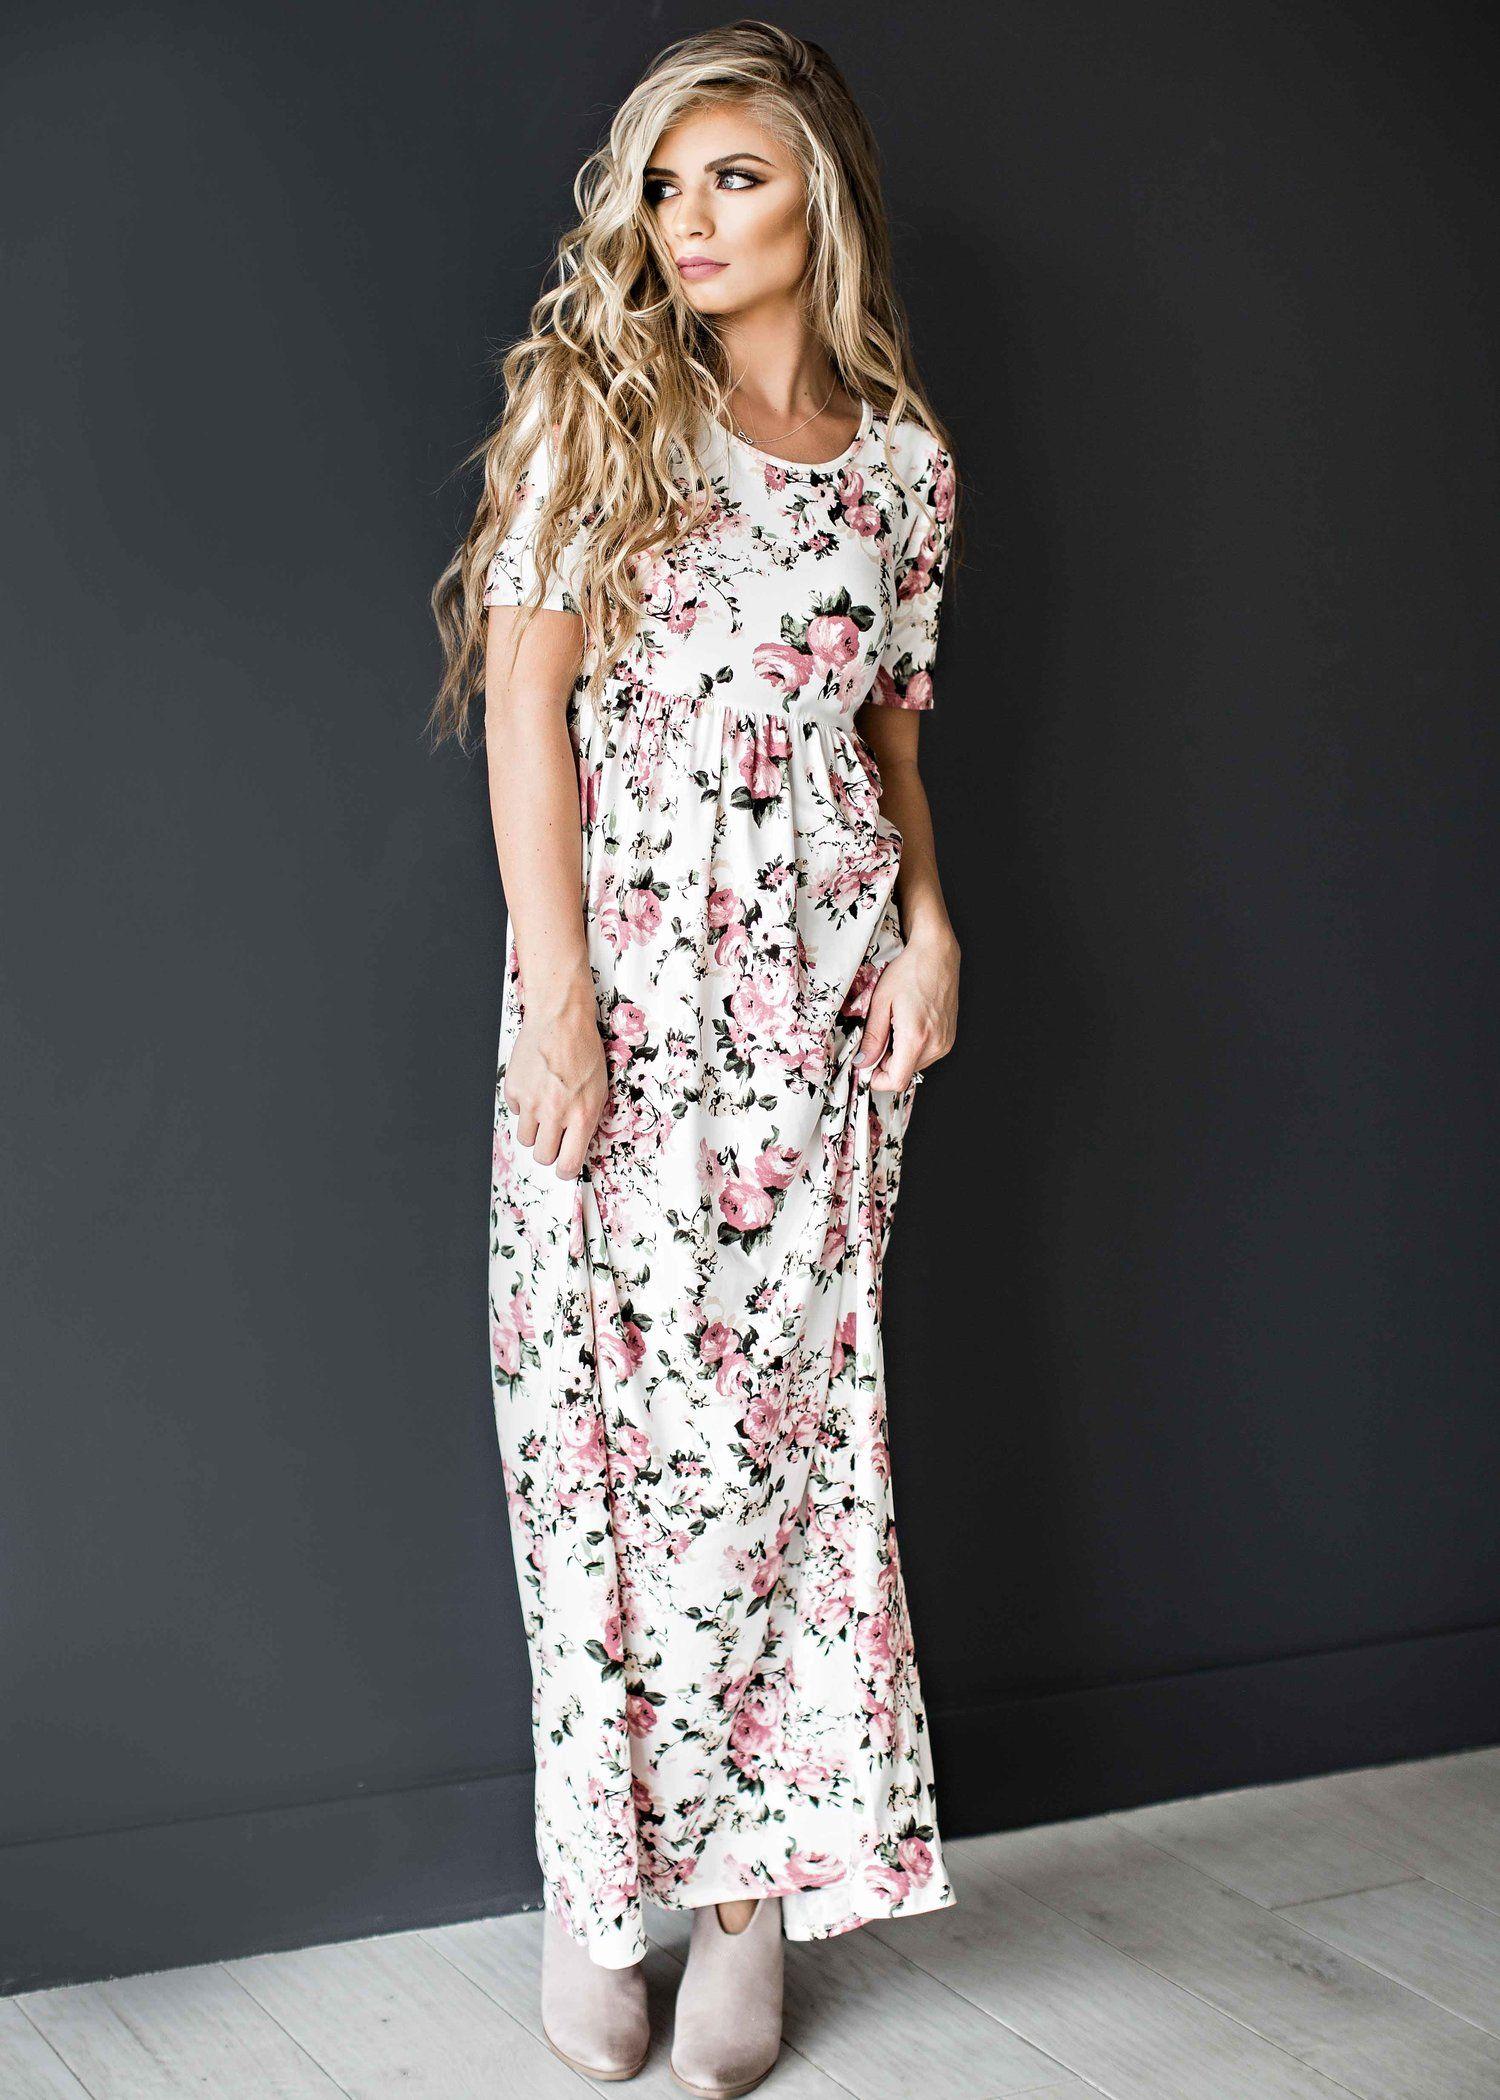 af1054f4552 floral dress